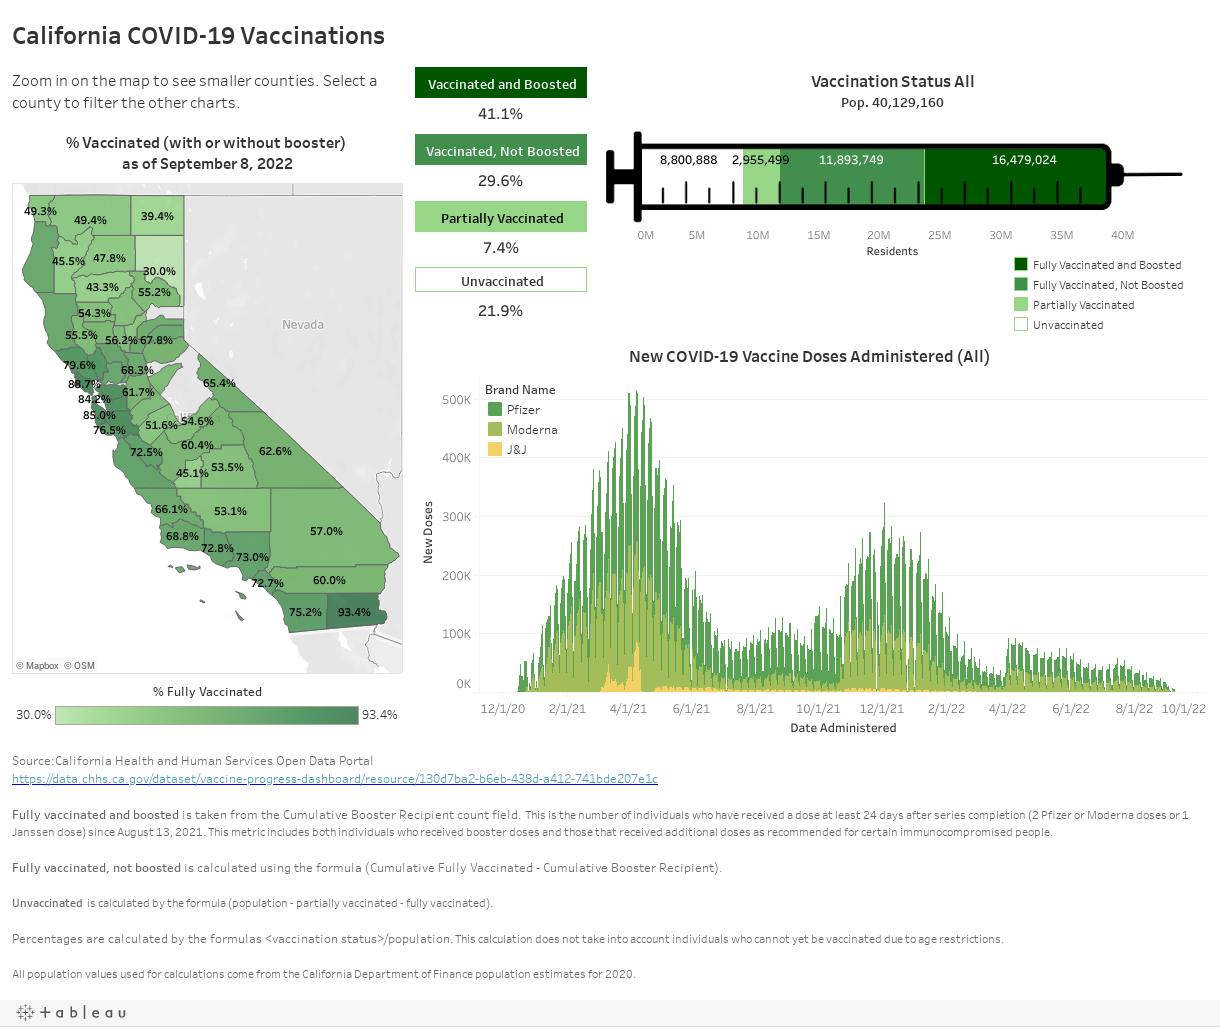 California COVID-19 Vaccinations